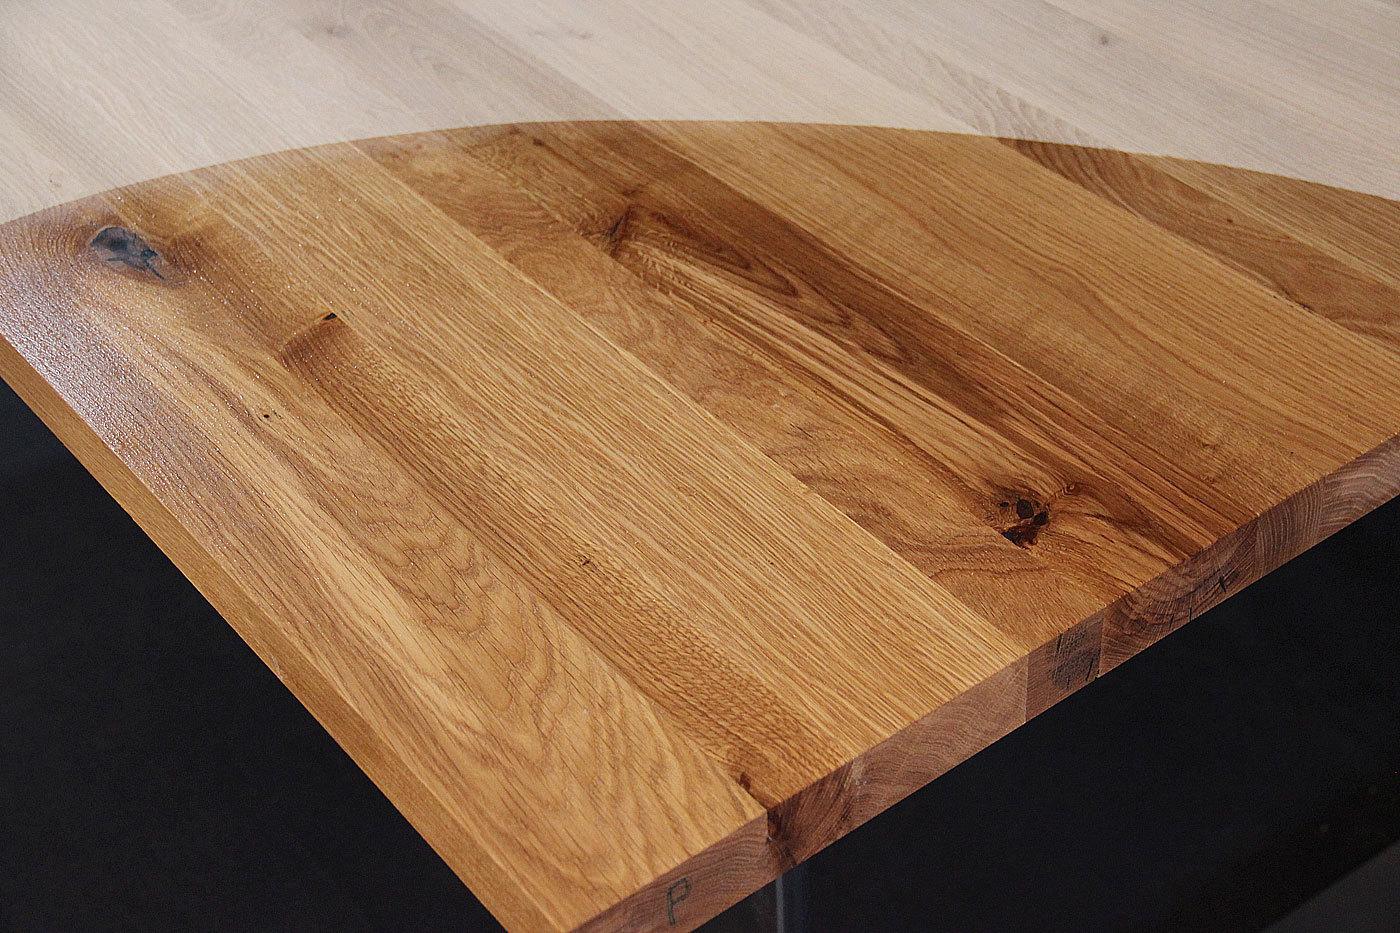 tischplatte massivholz wildeiche asteiche dl 40 1600 900. Black Bedroom Furniture Sets. Home Design Ideas